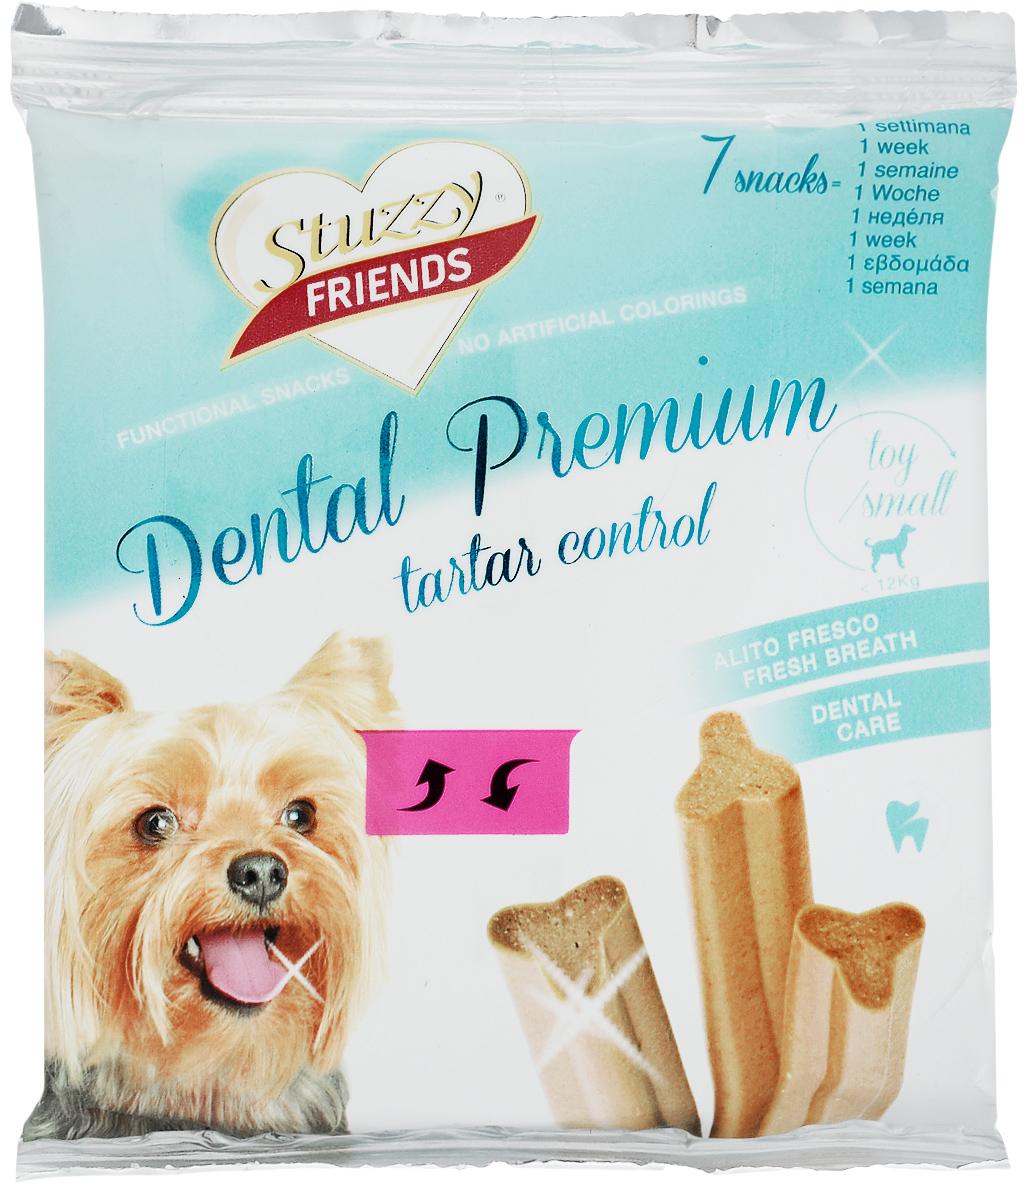 Лакомство для взрослых собак Stuzzy Friend. Dental Premium, для собак до 12 кг, 110 г, 7 шт0120710Палочки Stuzzy Friends. Dental Premium - вкусное и здоровое угощение для собак. Лакомство обогащено таурином и витамином Е для поддержания правильной работы сердца и иммунной системы. Инулин обеспечивает всасывание питательных веществ, а биотин способствуют великолепному внешнему виду кожи и шерсти. Оригинальная форма и текстура помогают чистить зубы собаки от налета. Не содержат искусственных красителей. Лакомство предназначено для собак миниатюрных и мелких пород до 12 кг. Товар сертифицирован.